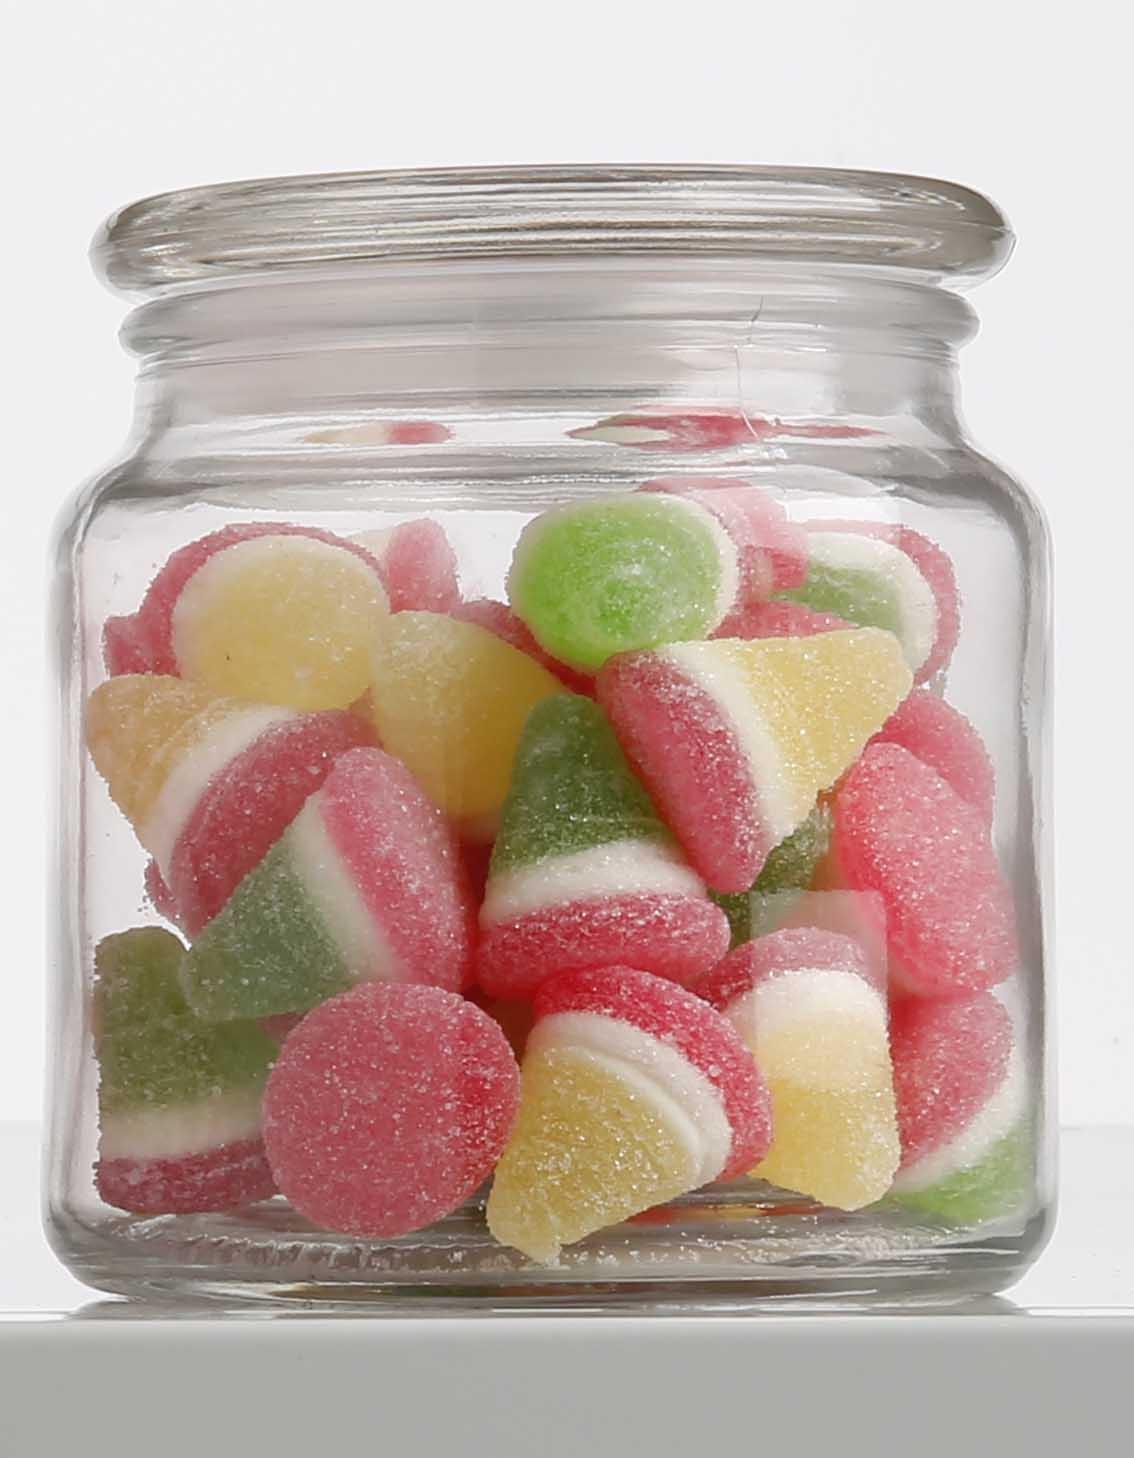 snoepjes suikerbonen